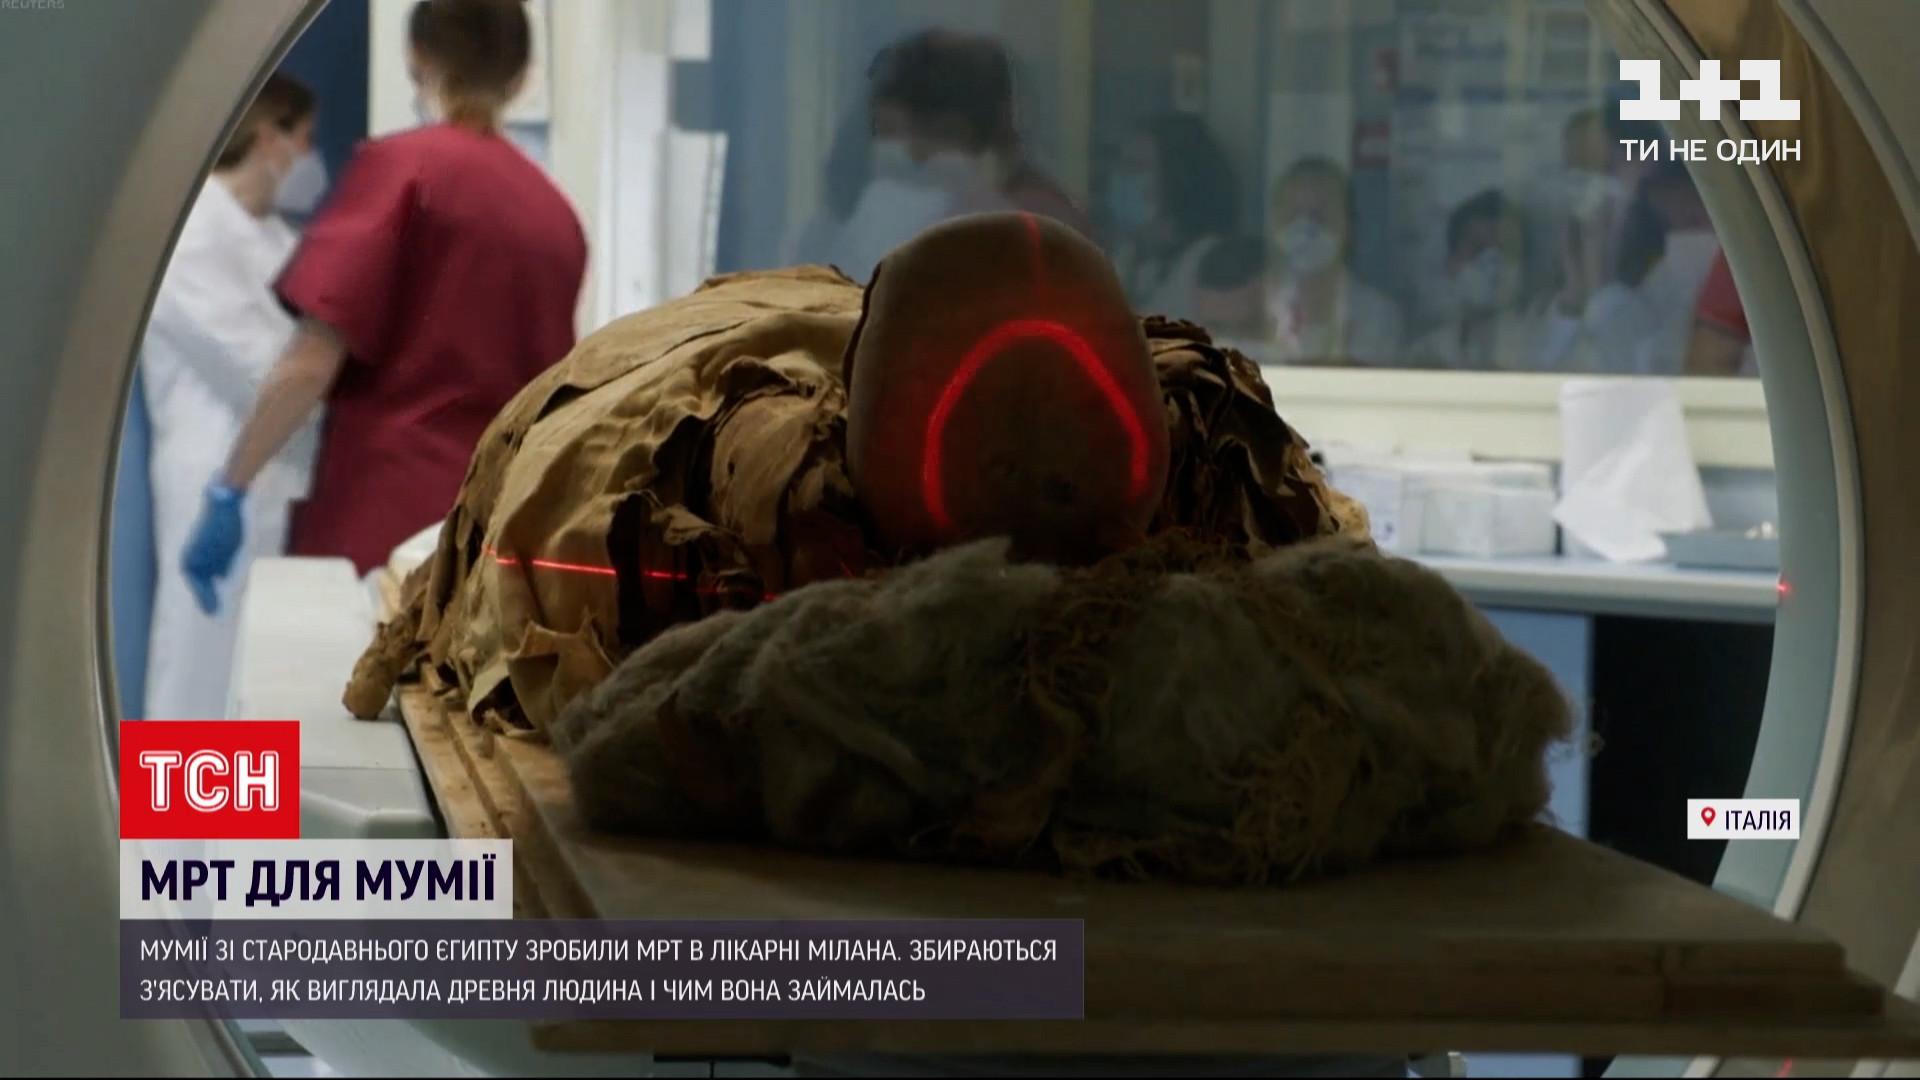 Мумия якобы принадлежитАнхехонсу, который жил в 9 веке до нашей эры / скриншот из видео